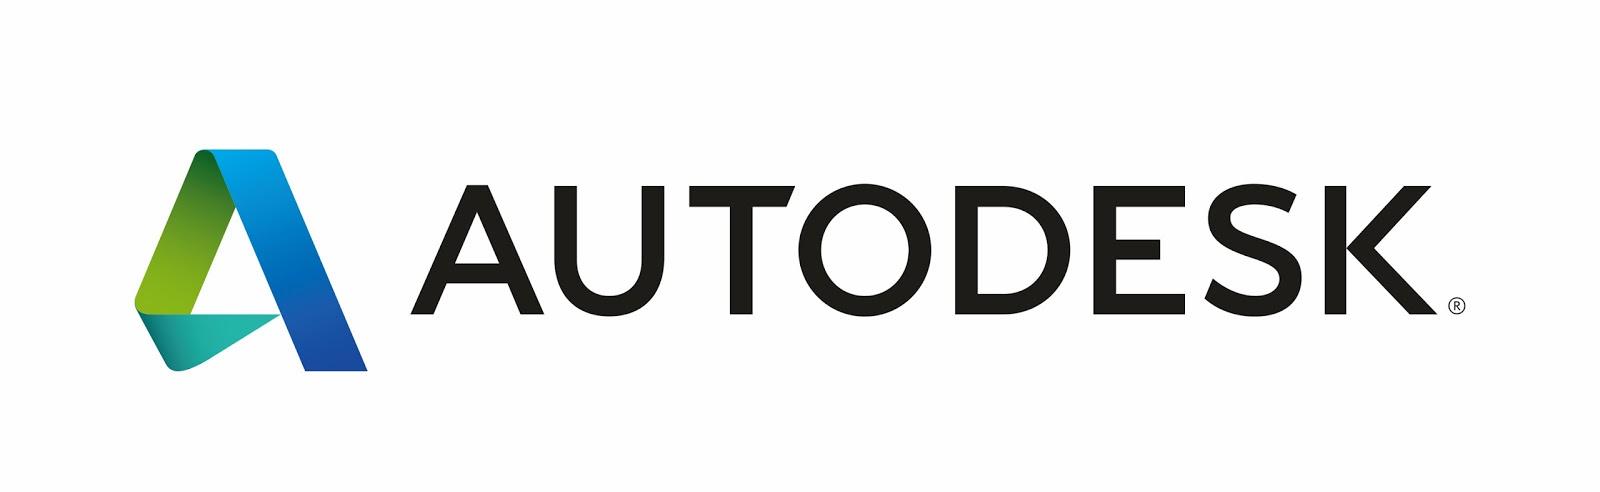 Autodesk'ten Öğrencilere 3 Yıllık Ücretsiz Lisans Hediye